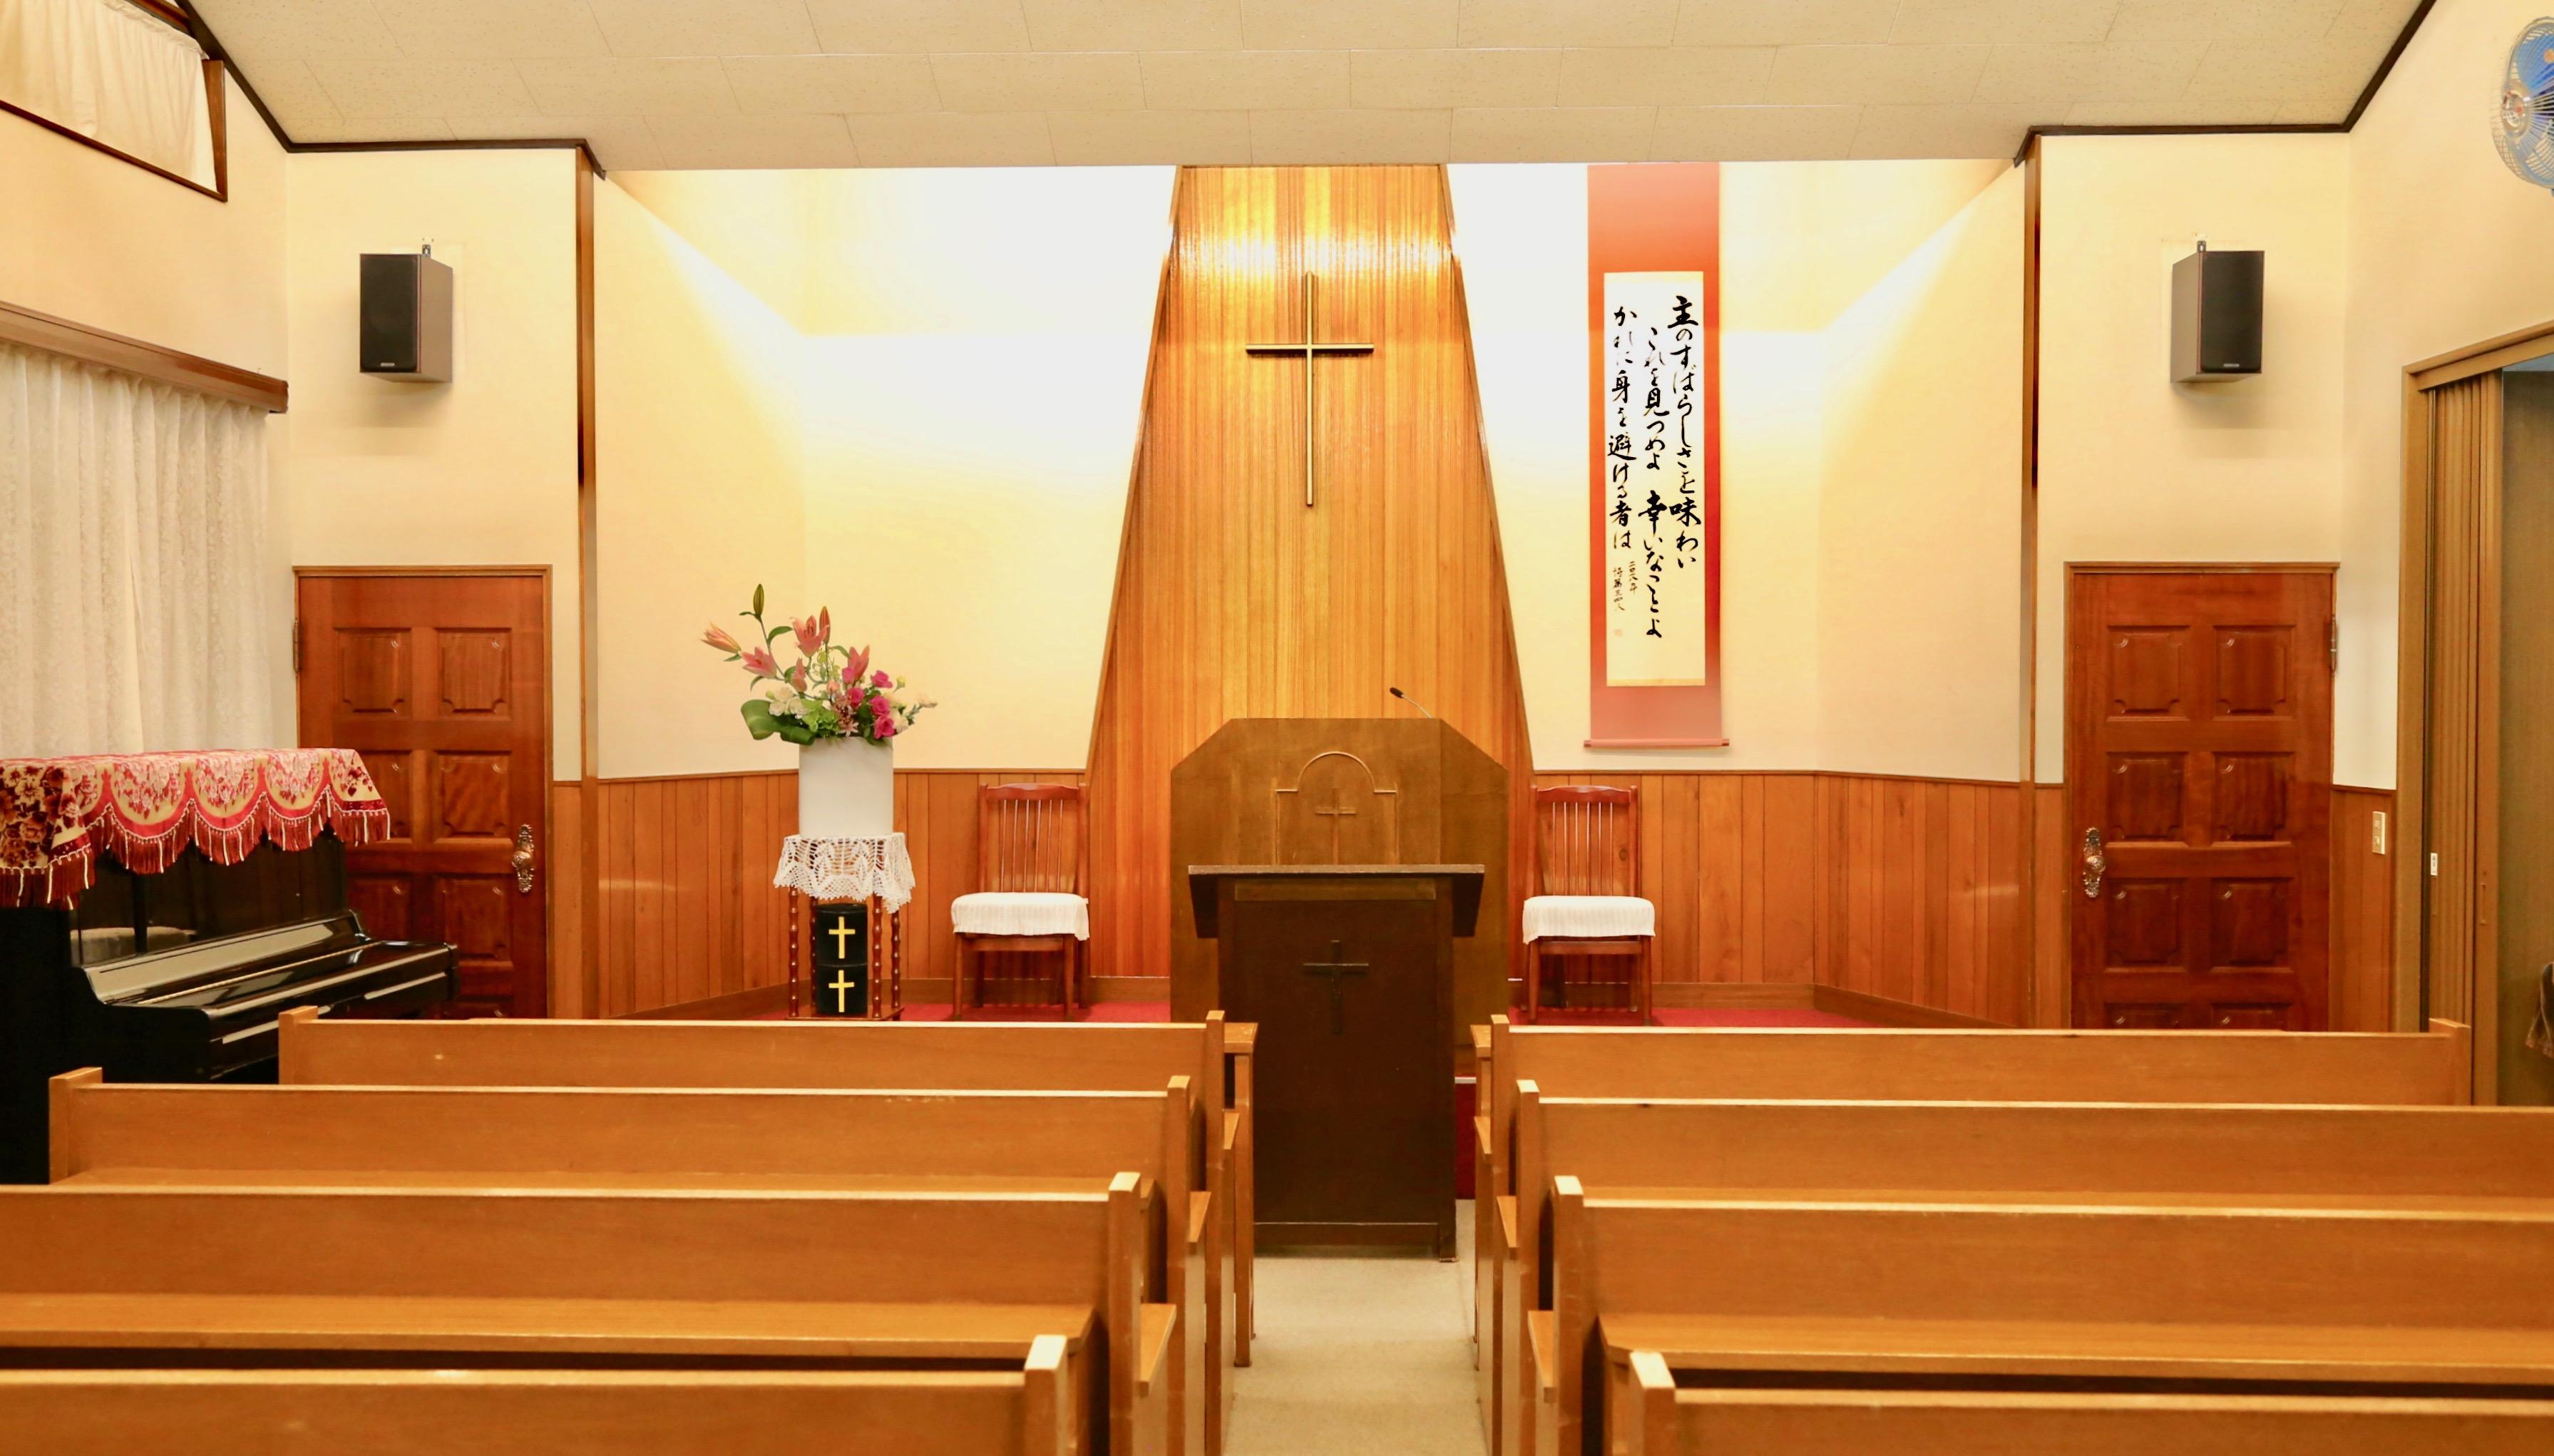 インマヌエル 上田キリスト教会